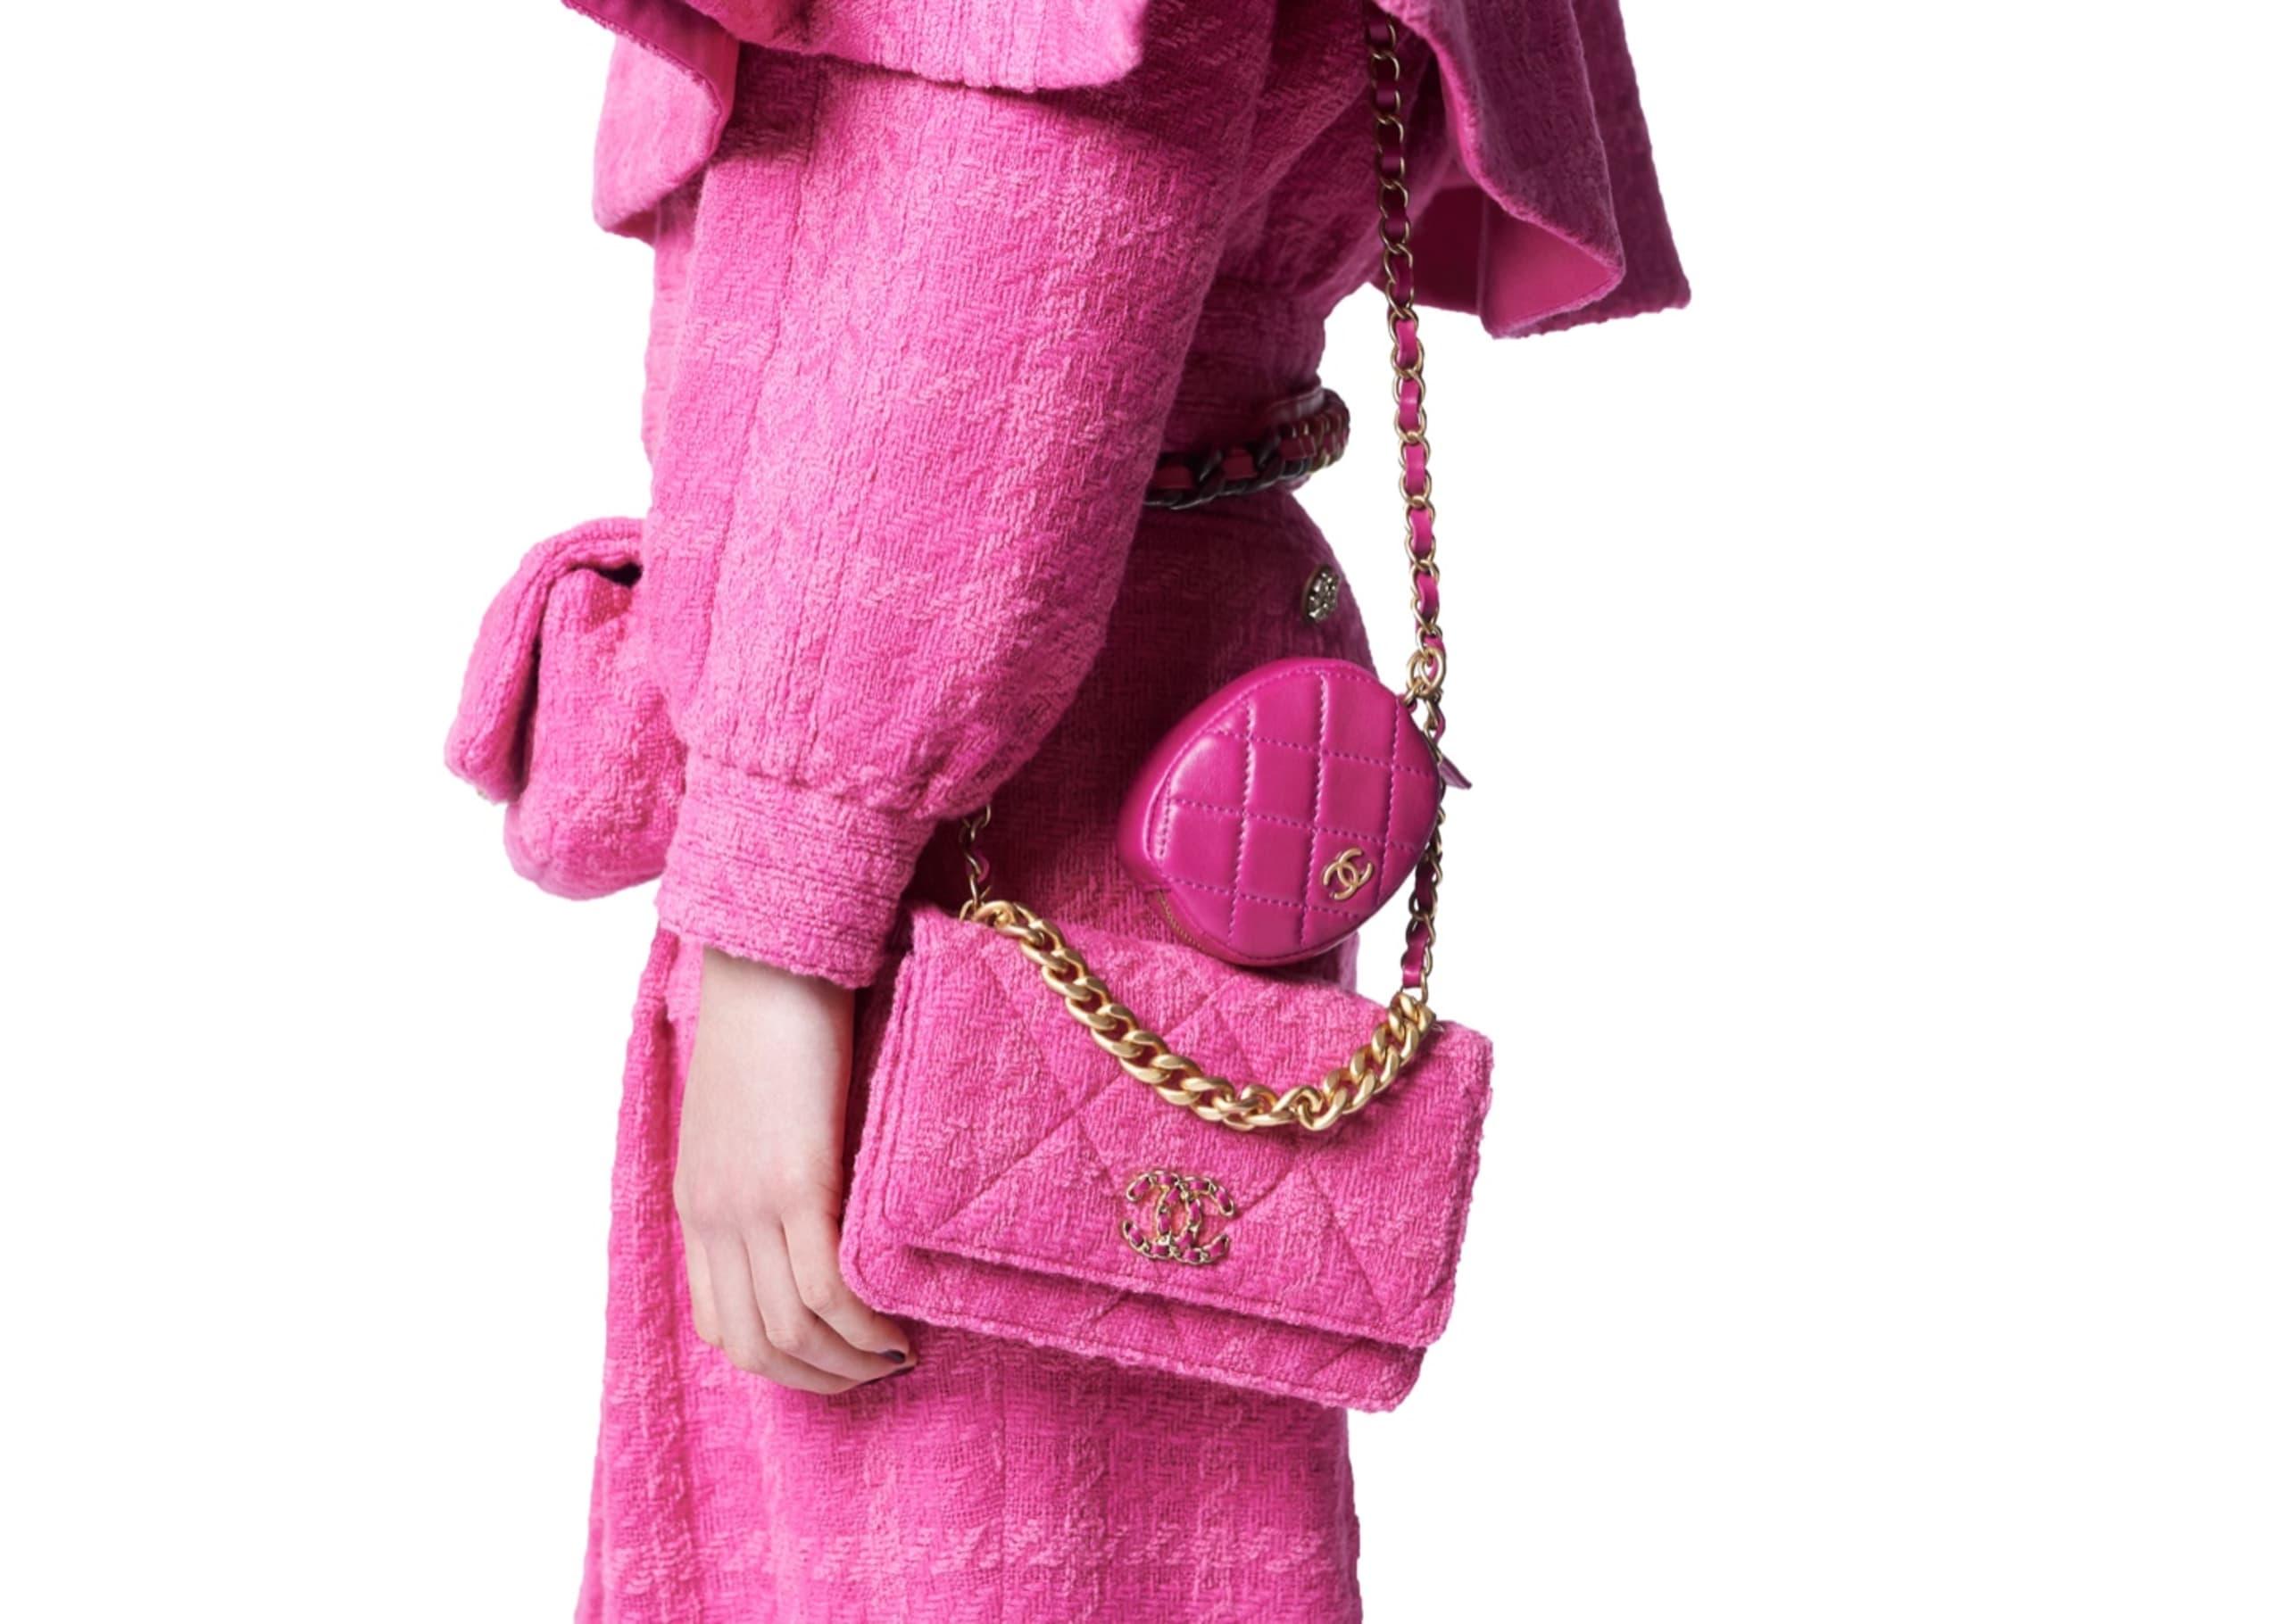 30代の女性に「ブランド財布」は根強い人気がある